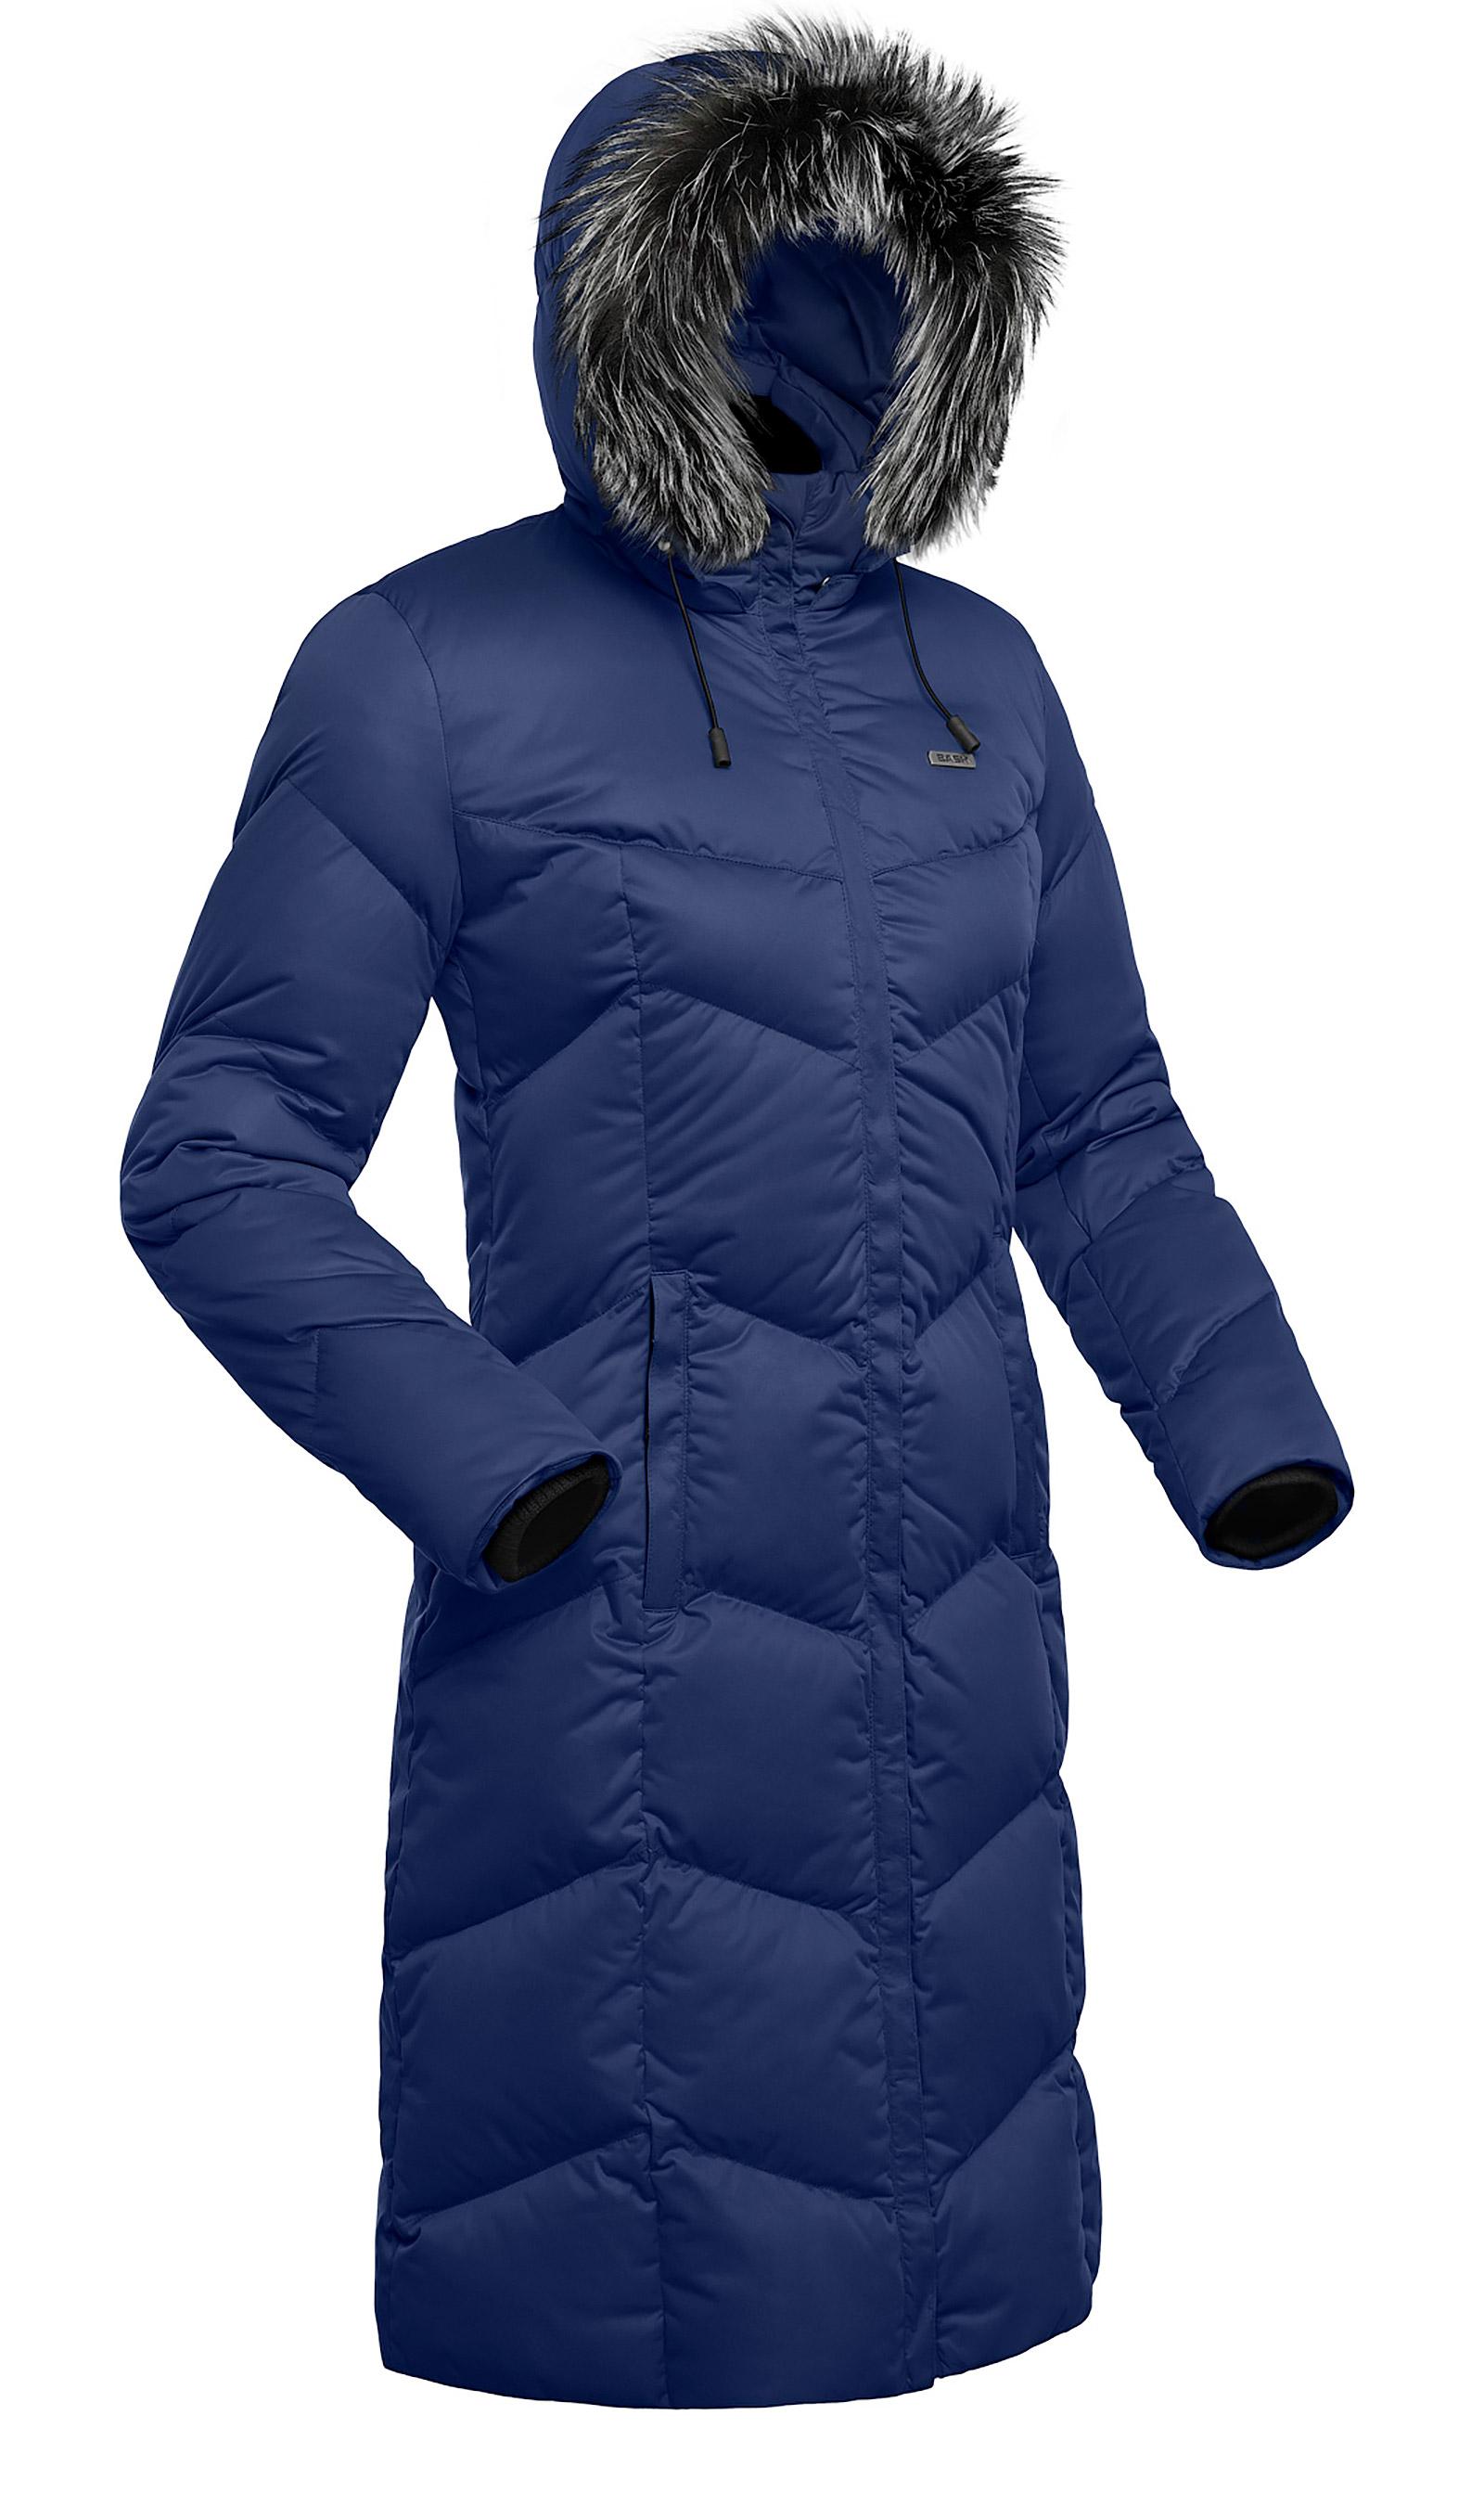 Пальто пуховое женское BASK SNOWFLAKE темно-синее, Пальто - арт. 853240409